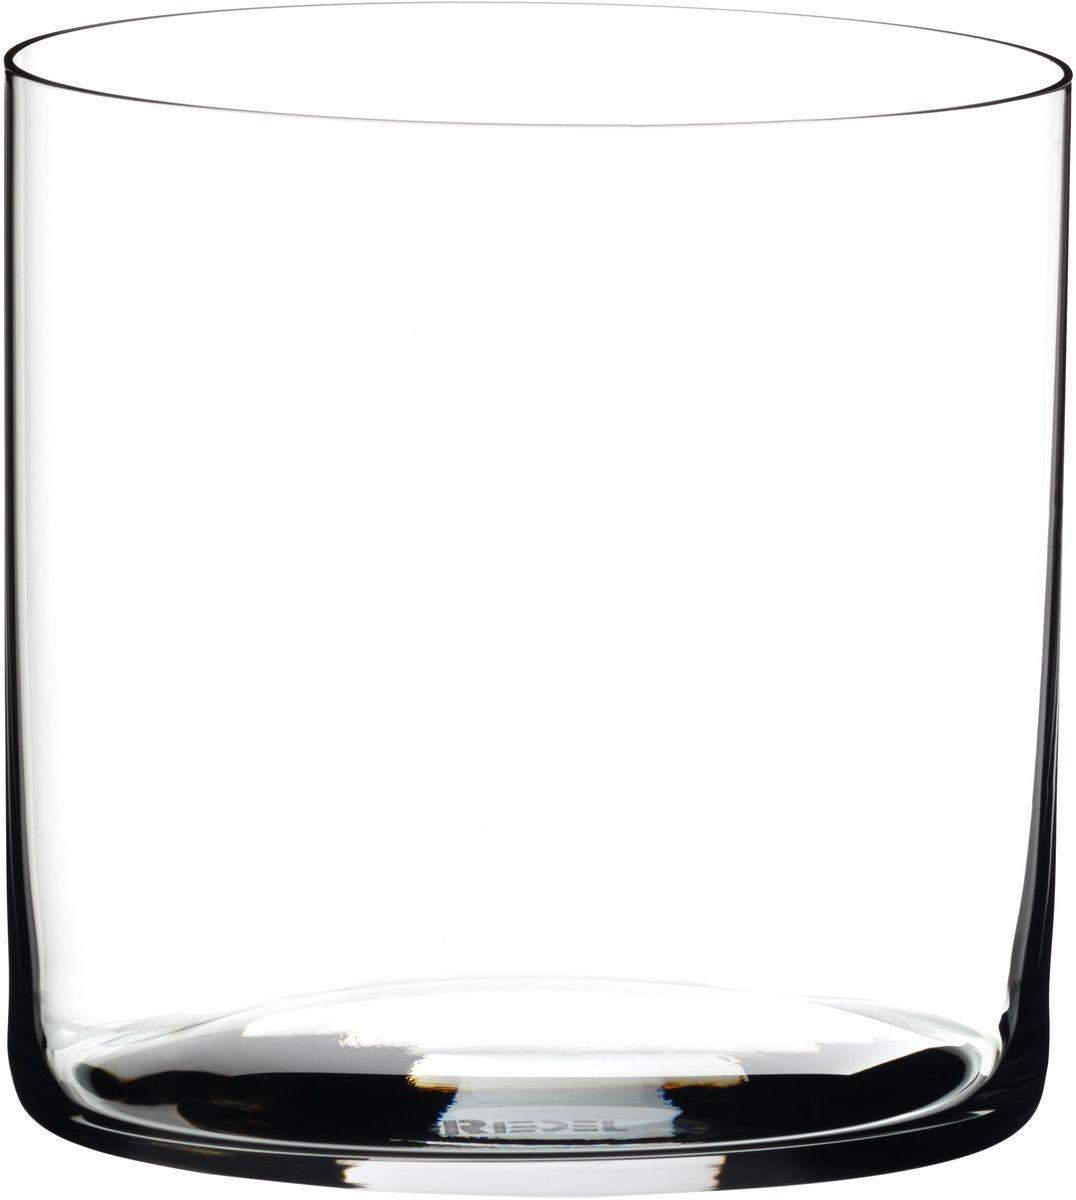 Набор стаканов для воды Riedel H2O. Water, 330 мл, 2 шт0414/01Хрустальные стаканы Riedel H2O. Water прекрасно впишутся в любую сервировку стола. Они подойдут для подачи воды и различных прохладительных напитков. Из такого стакана очень приятно и удобно пить воду со льдом, соки или газированные напитки.Высота: 8 см.Диаметр: 8 см.